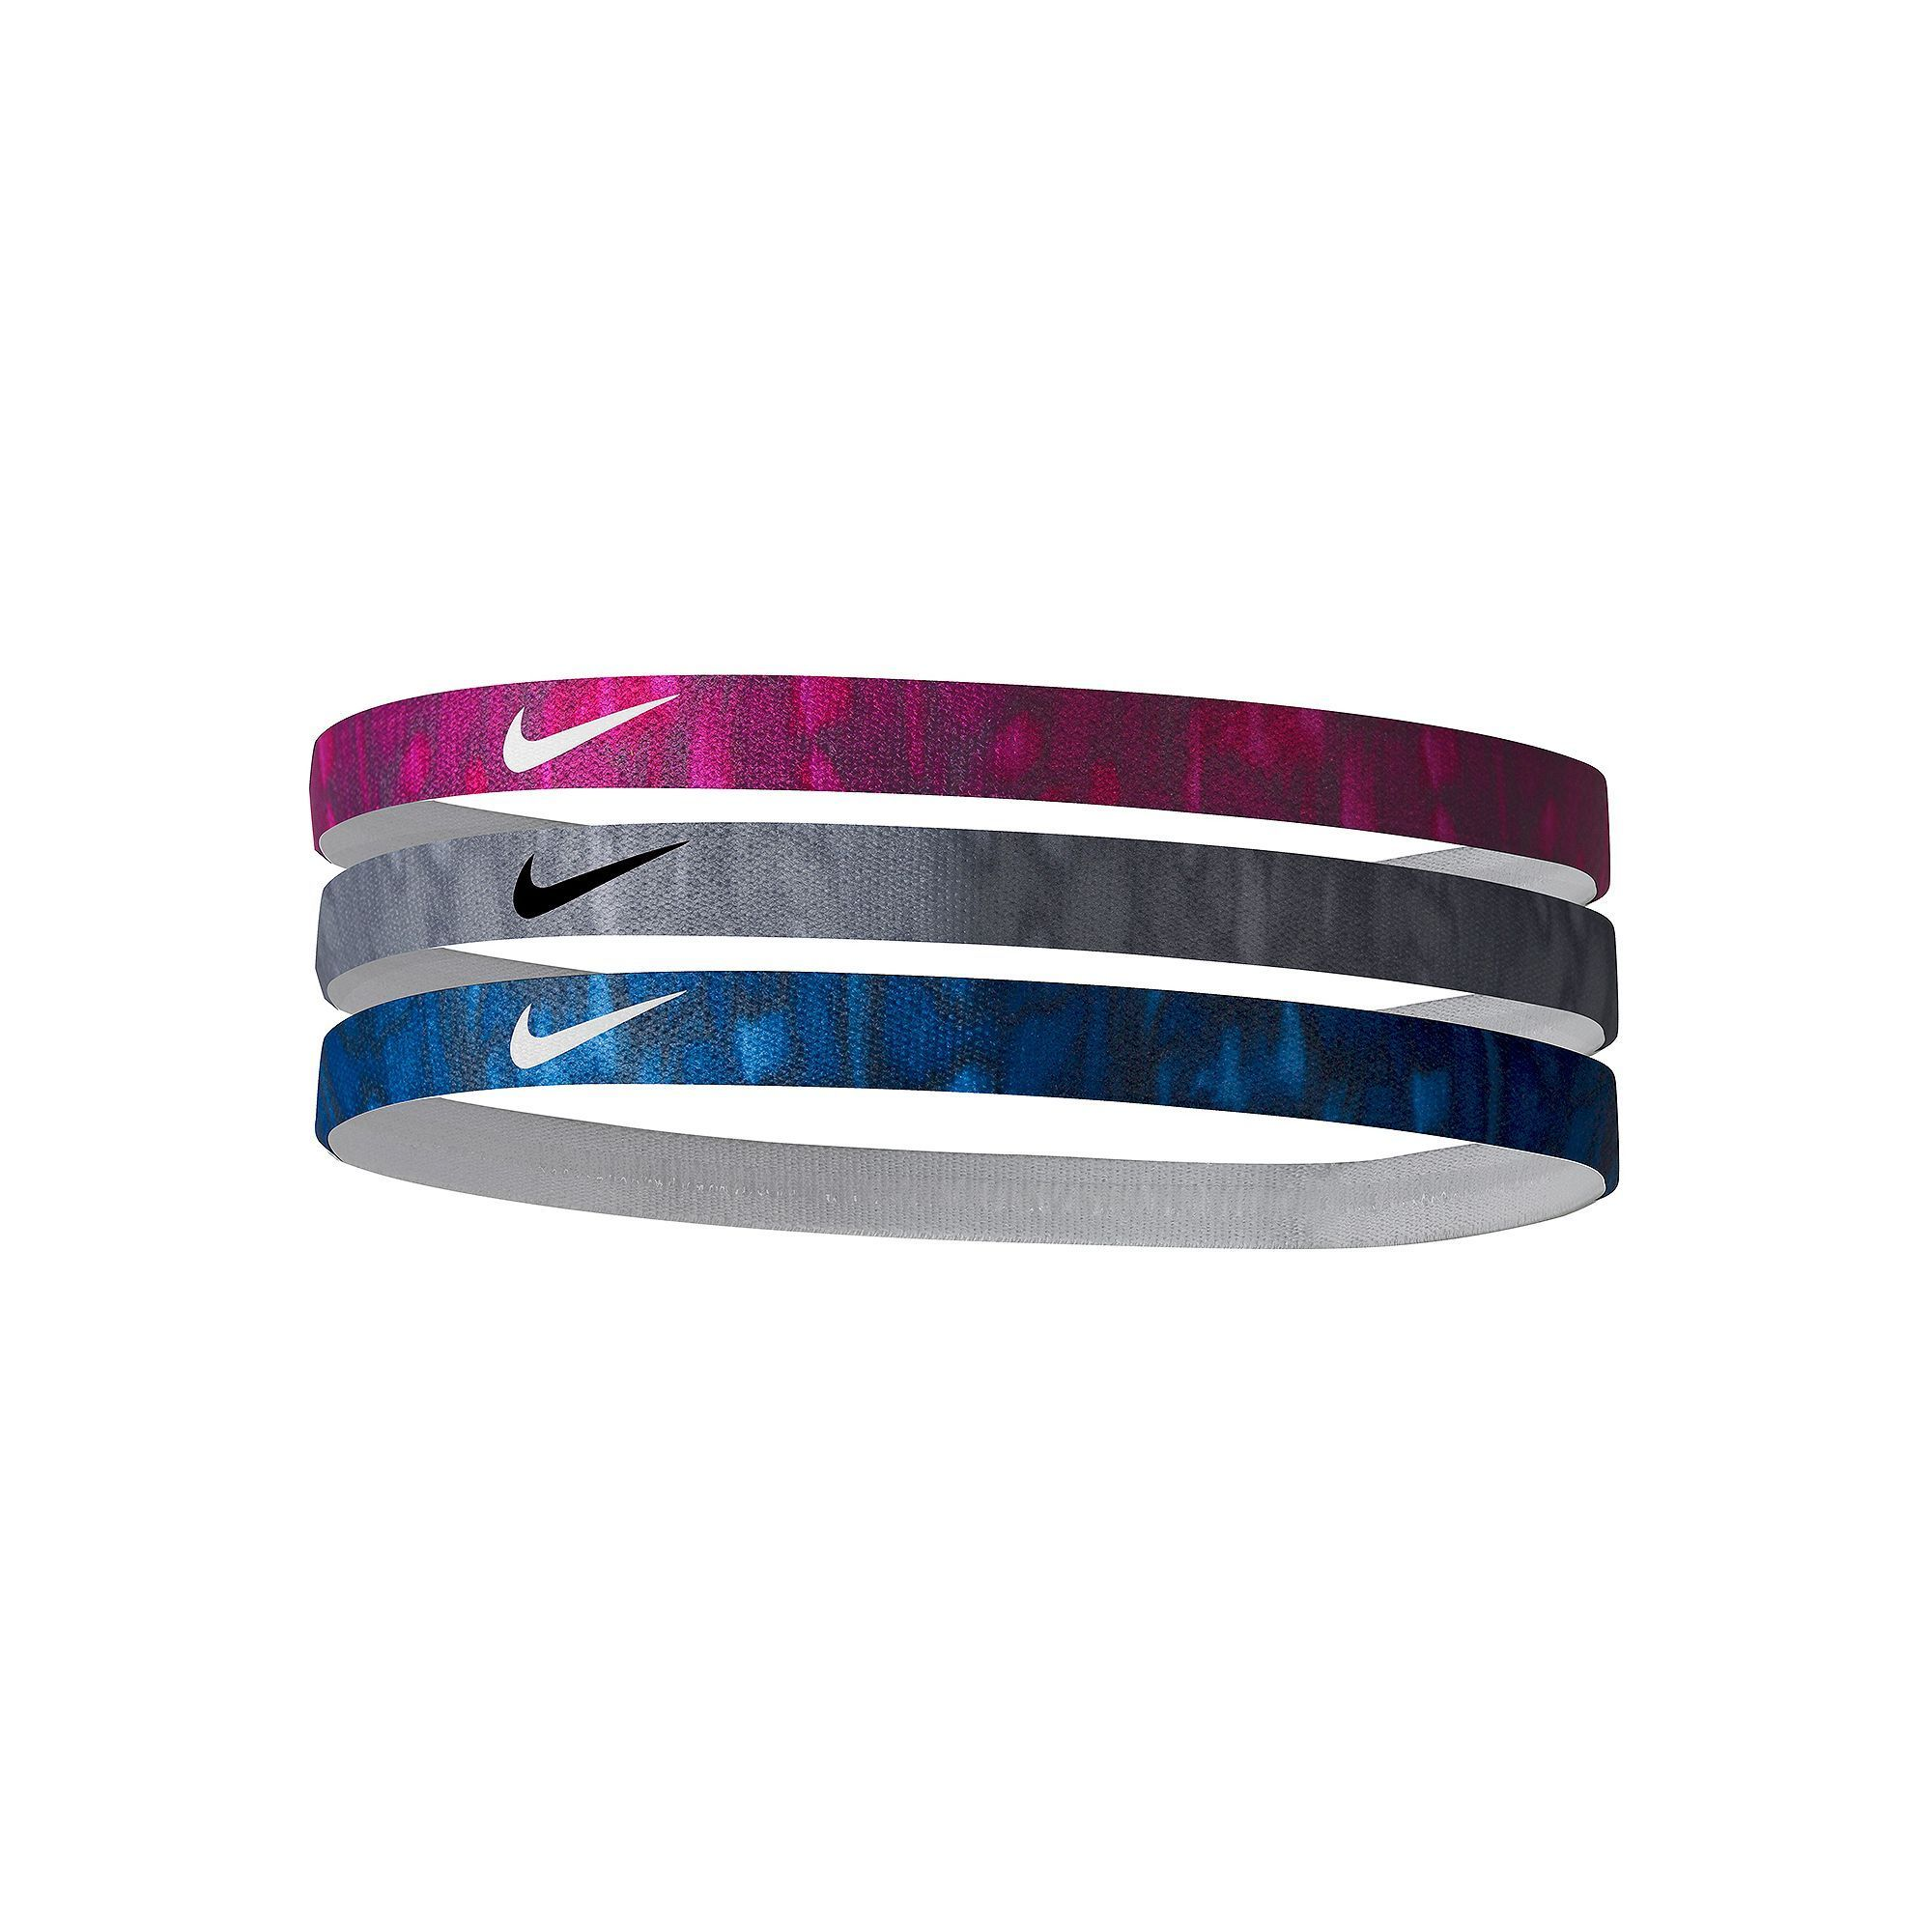 Nike 3-pk. Assorted Headband Set e4a161891c